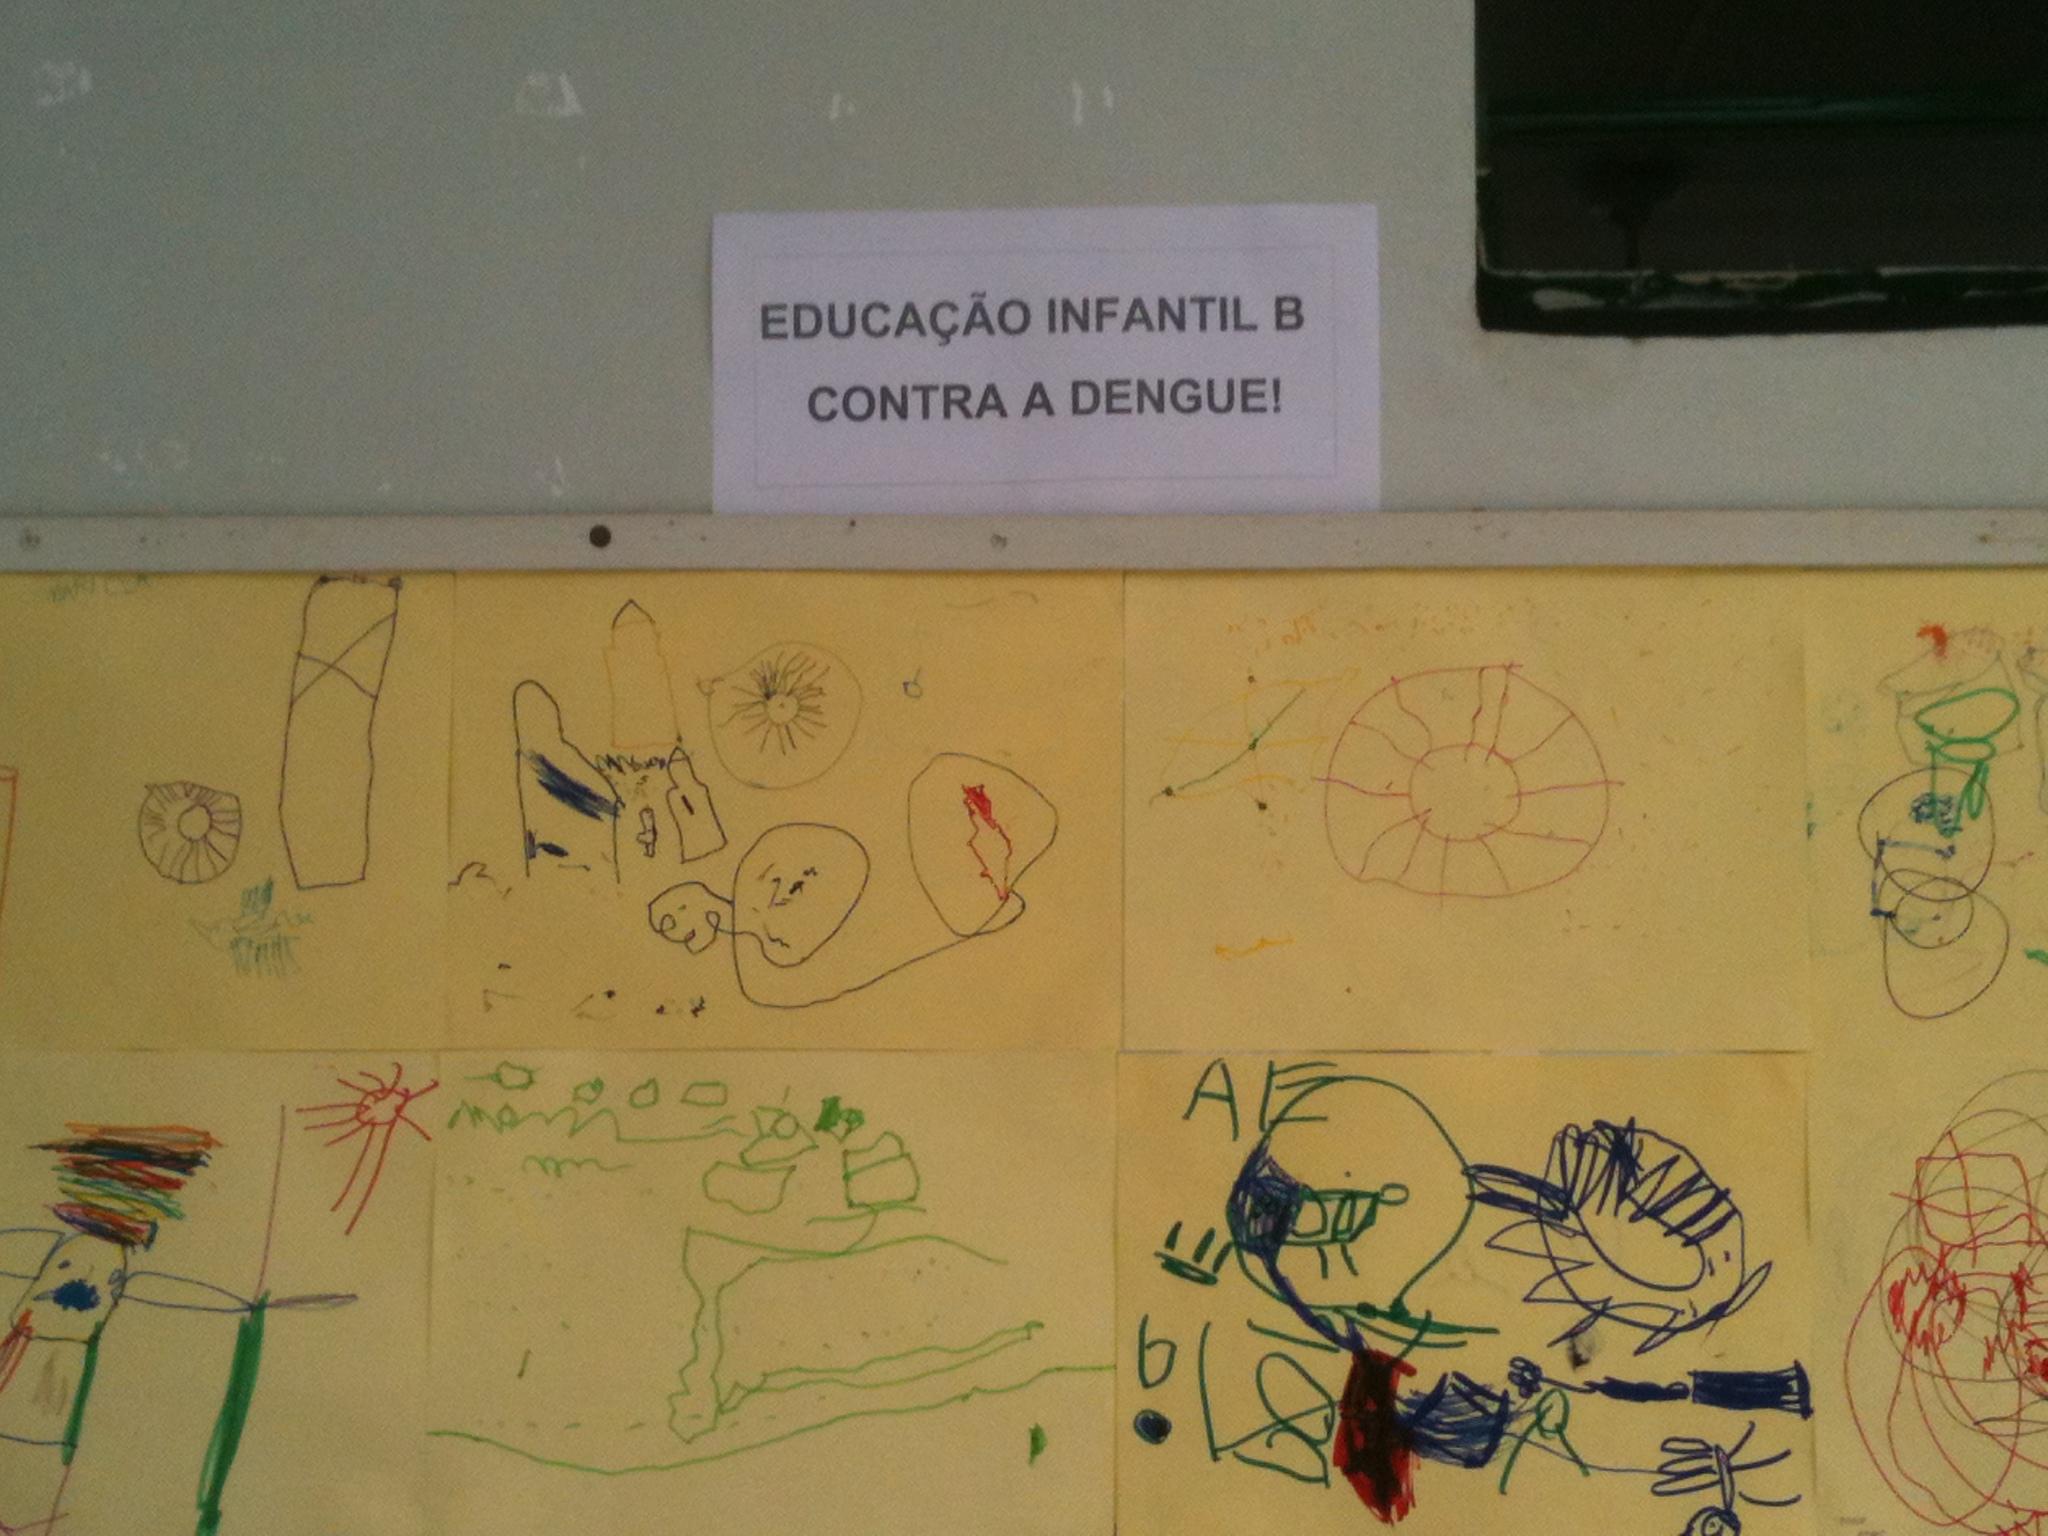 Educação Infantil B CONTRA A DENGUE